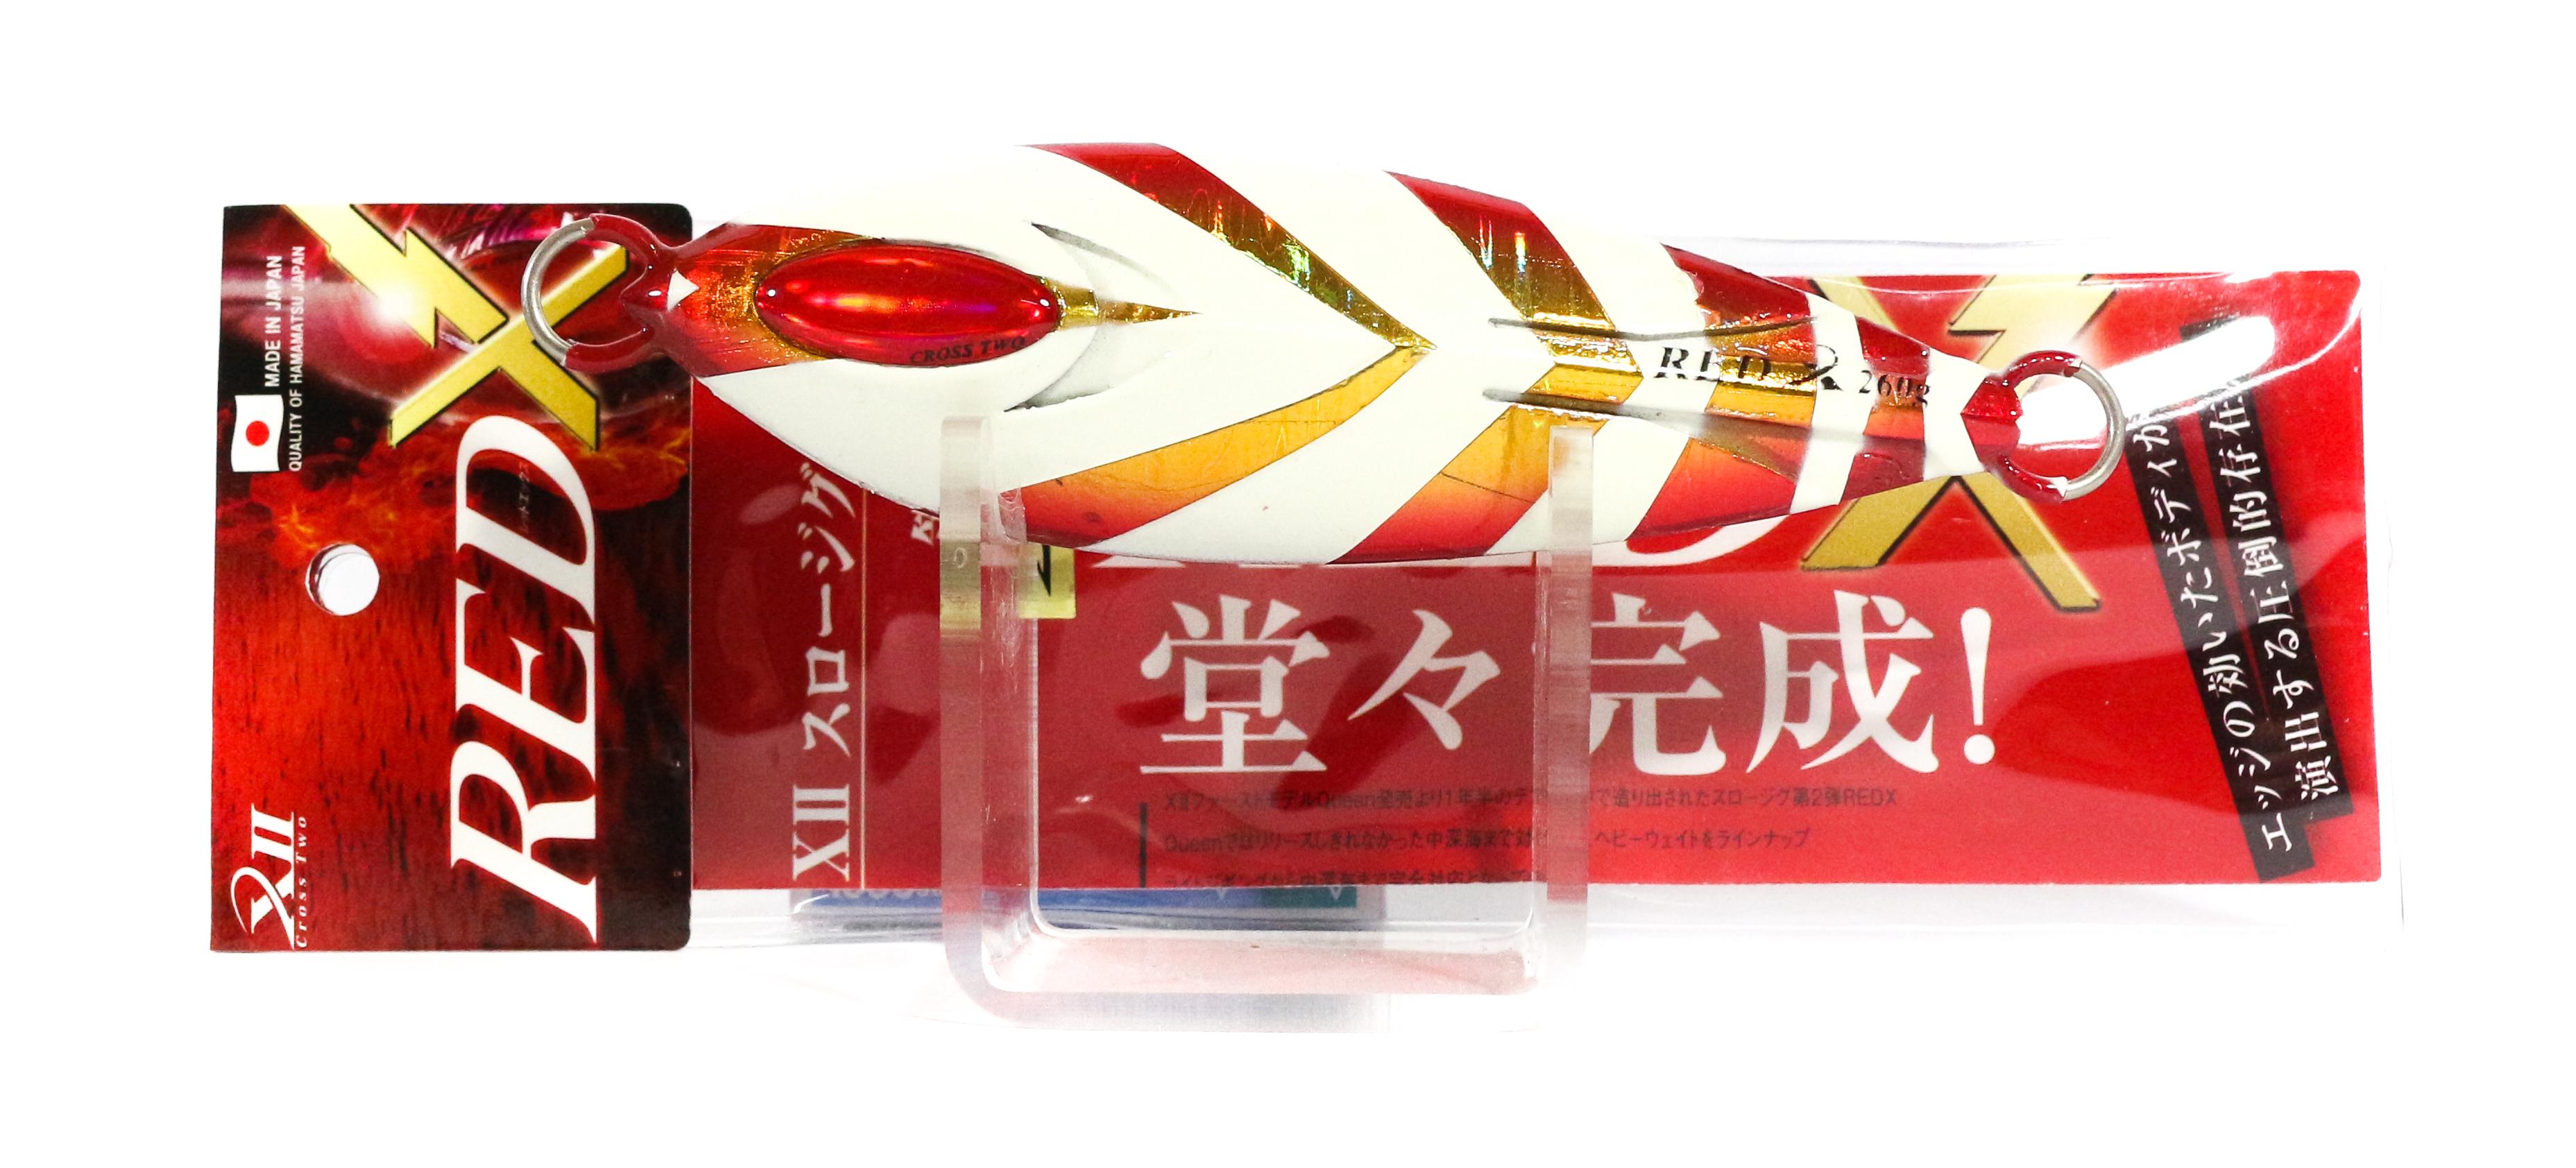 Sale Cross 2 Metal Jig Red X Slow 260 grams Akakin Zebra Glow (0290)